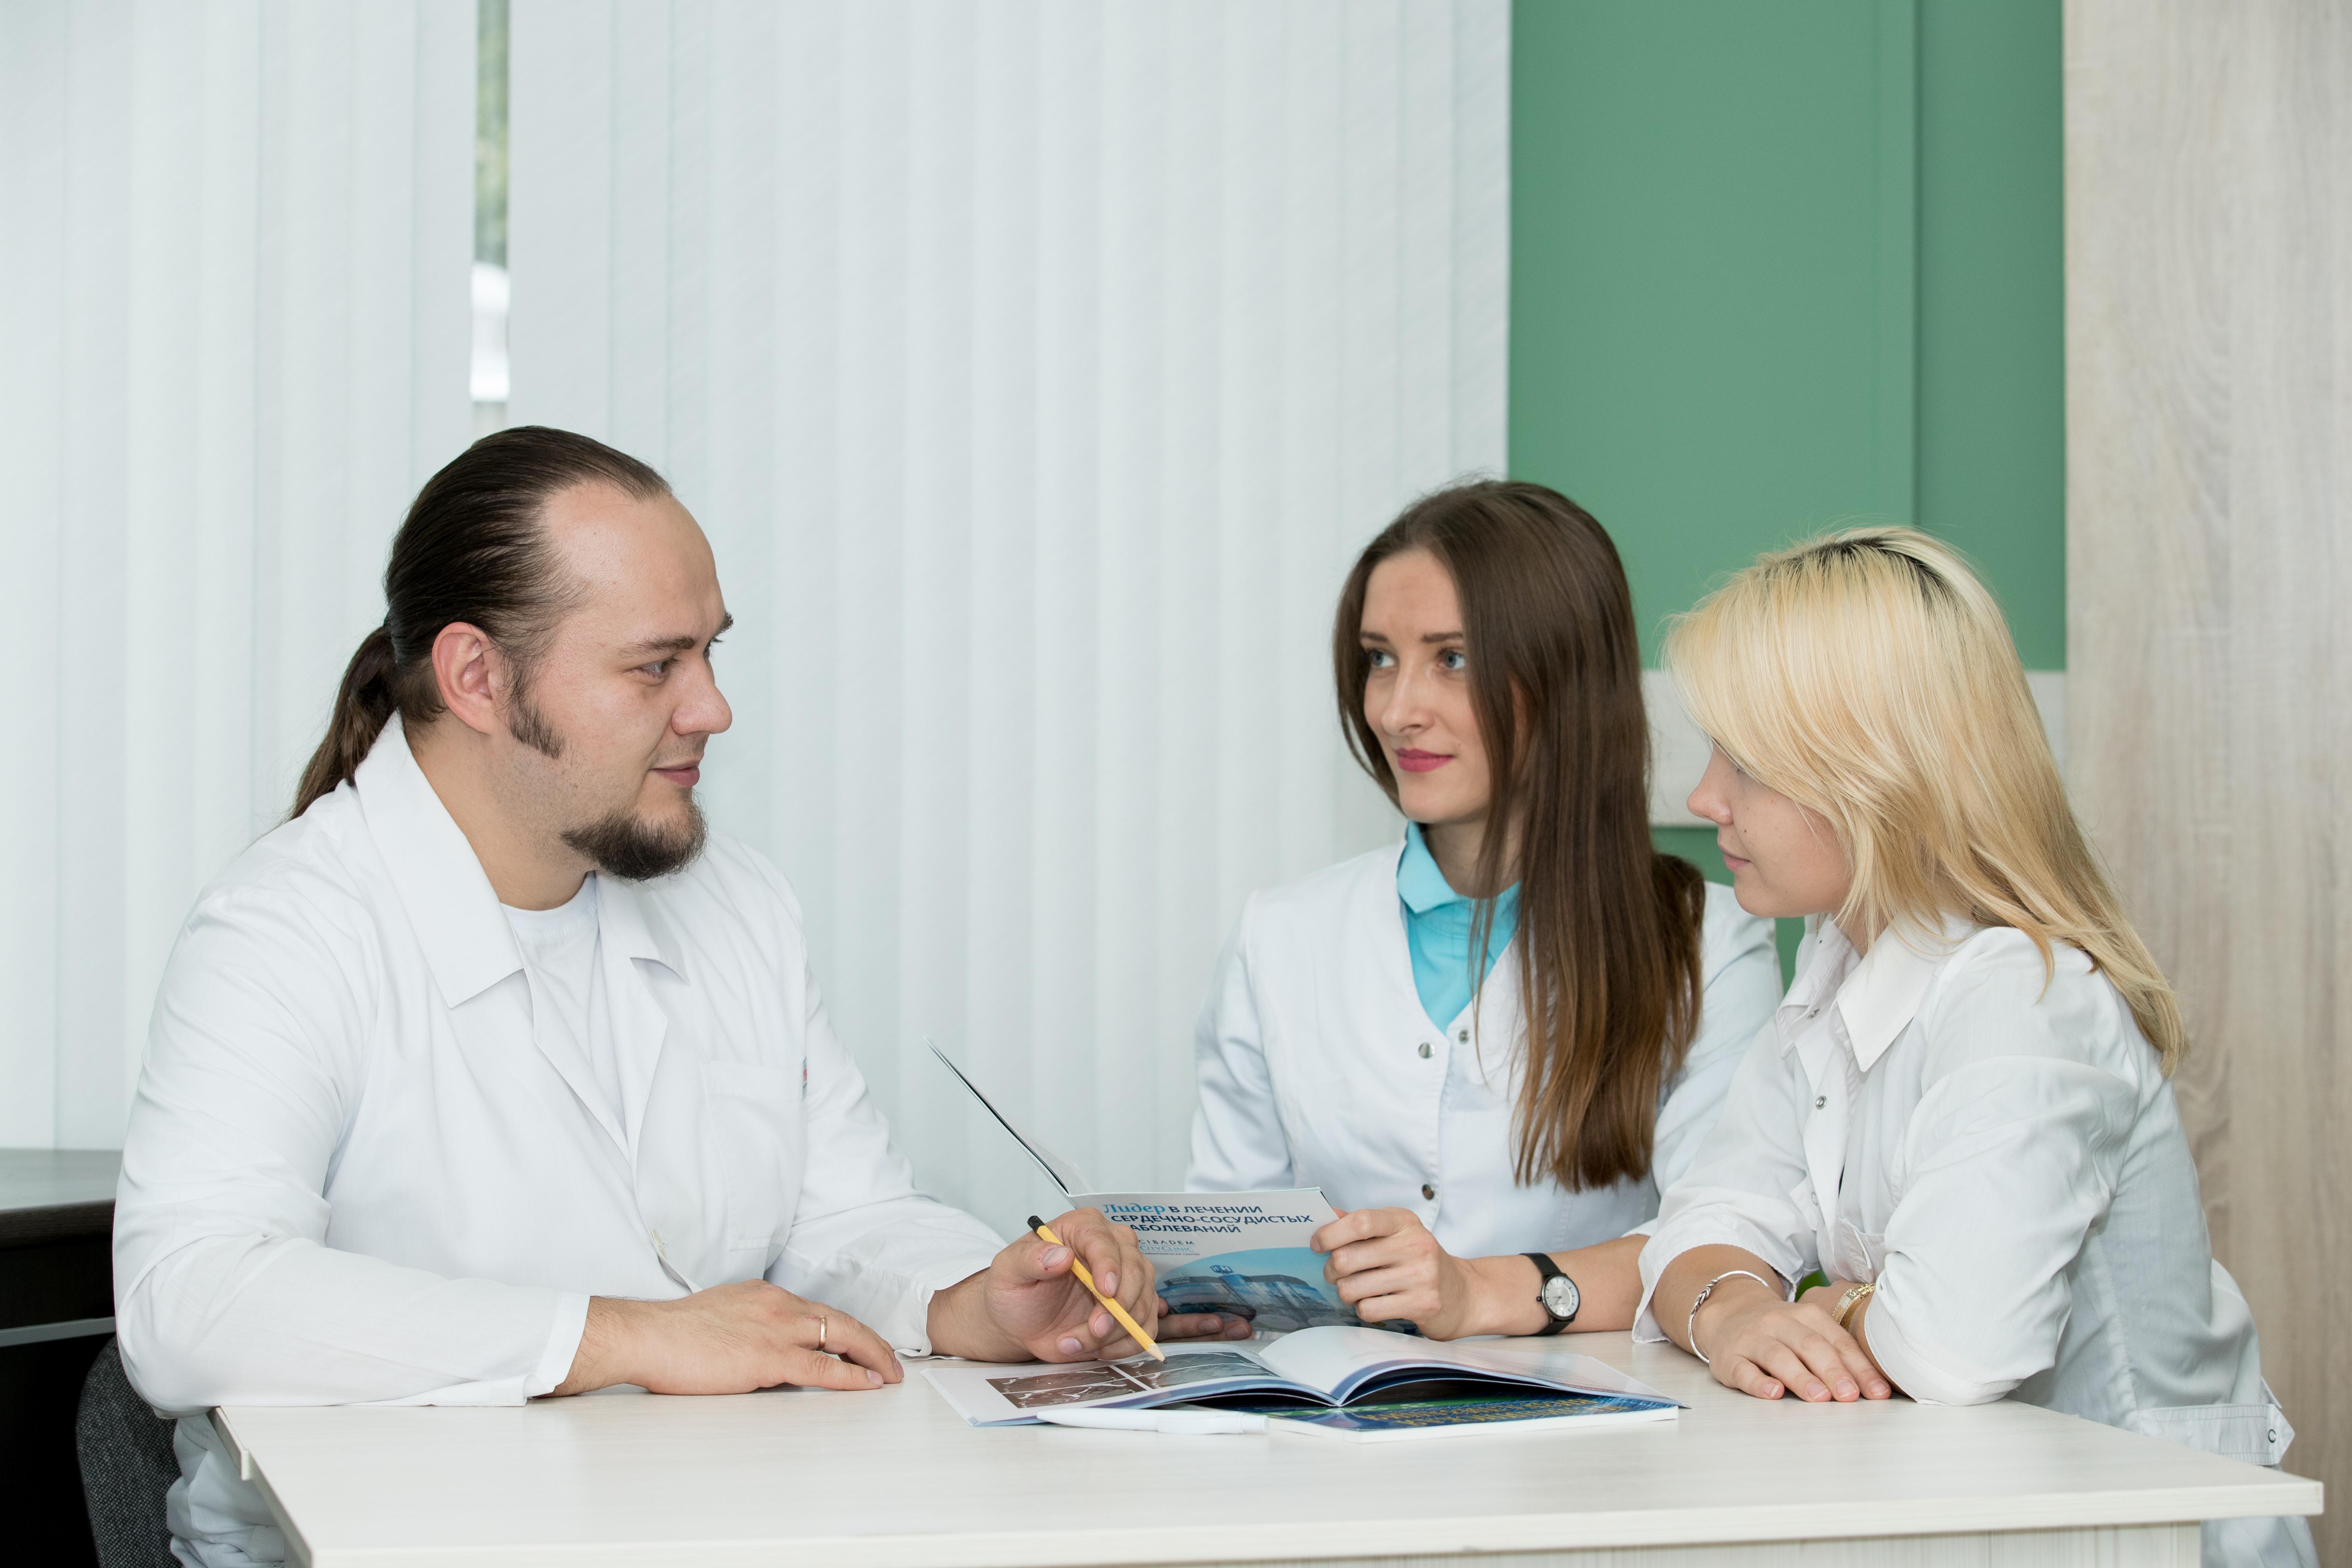 Магнитно–резонансная томография сегодня нередко имеет решающее значение при постановке диагноза в различных областях медицины: онкологии, кардиологии, нефрологии, хирургии, нейрохирургии, маммологии и многих других. Это предъявляет особые требования к обучению специалистов МРТ–диагностики. Идея создания института появилась в 2009 году. Своё становление институт начинал в качестве корпоративного университета группы медицинских компаний Эксперт. Основная задача института в этот период – это обучение высококлассных специалистов МРТ-диагностики для собственной медицинской сети.